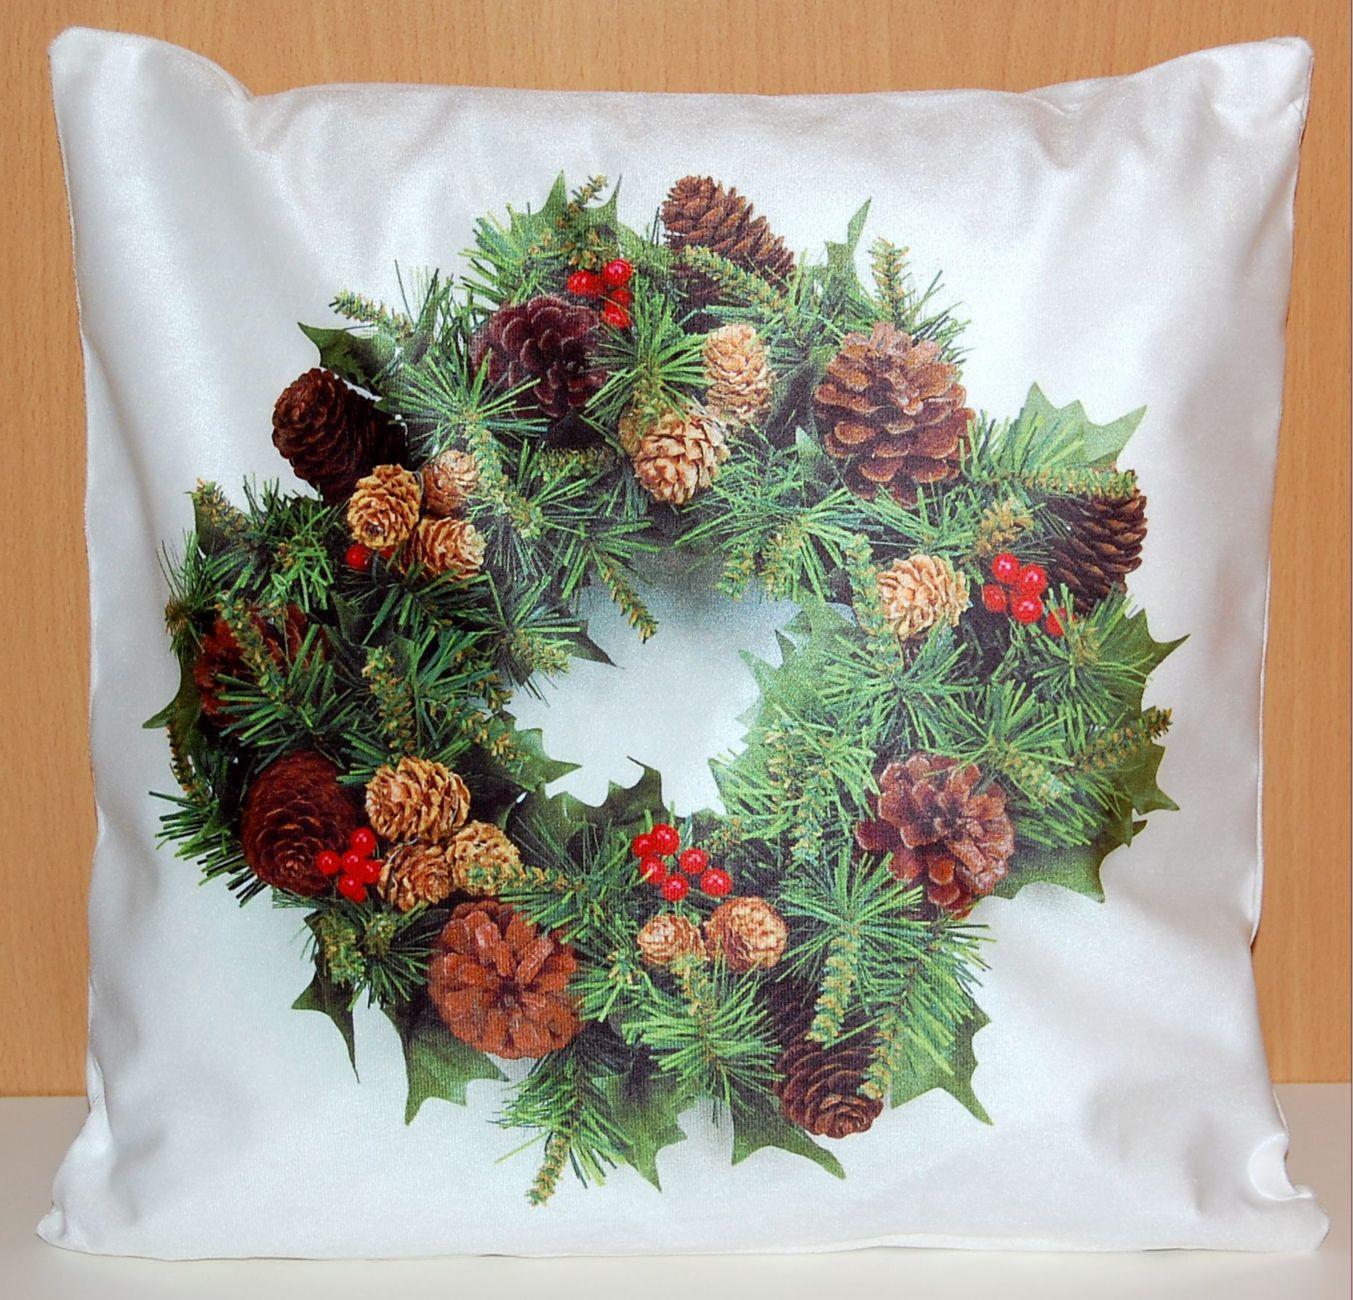 Kissenh lle 40x40 cm weich weihnachten dekokissen - Dekokissen weihnachten ...